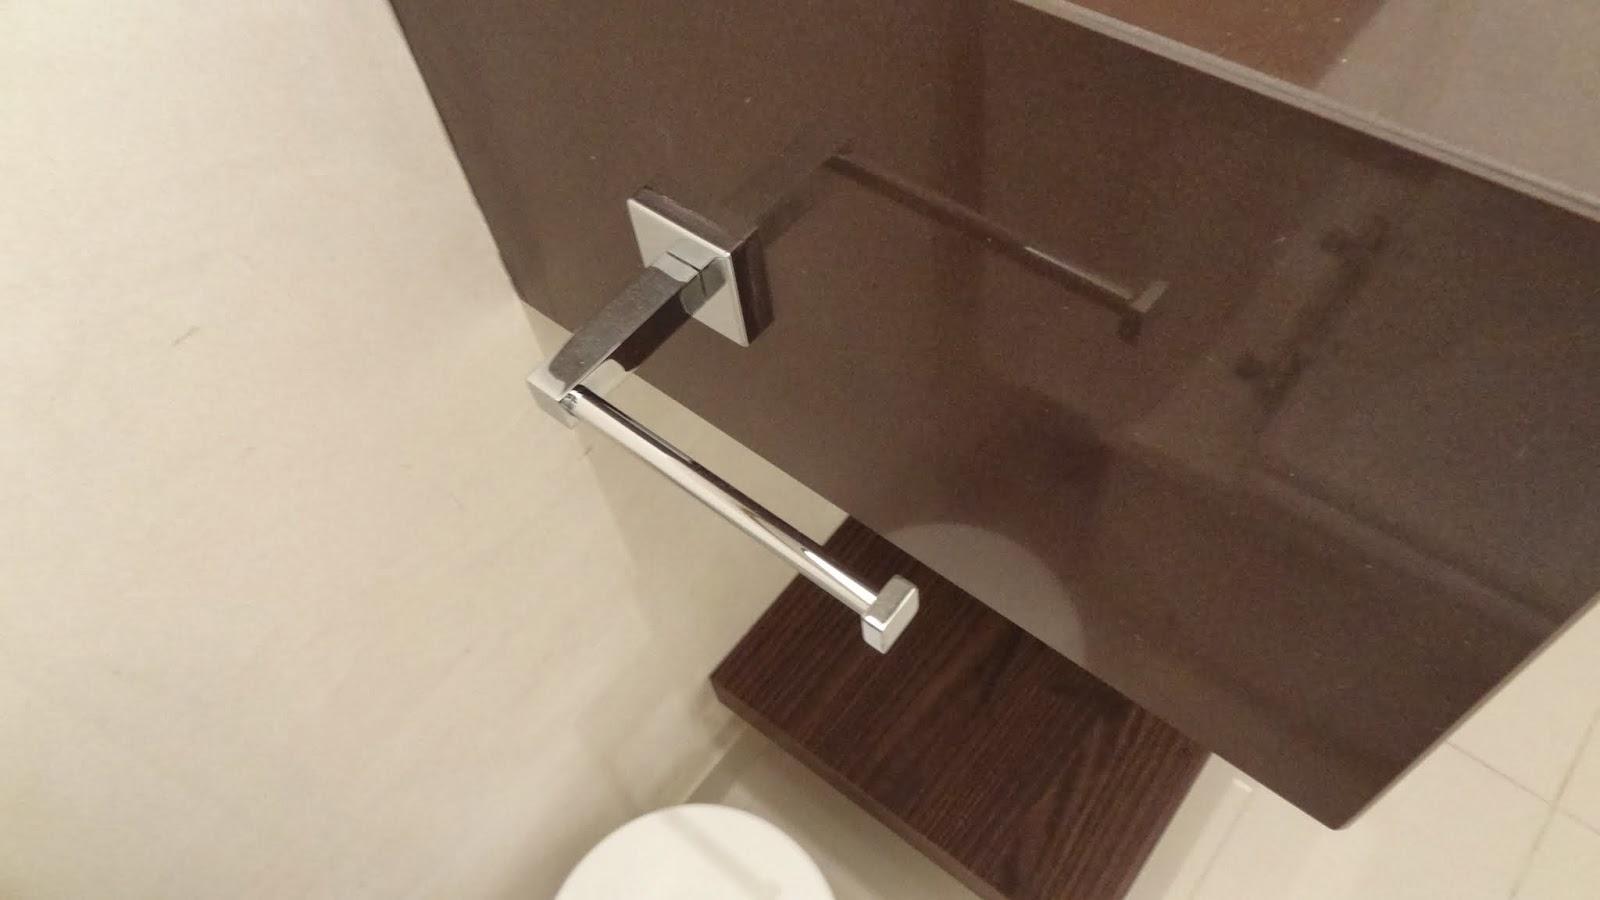 ao acabamento: Lavabo Social e Banheiro da Suíte Casal Reta final #886C43 1600x900 Acessorios Banheiro Perflex